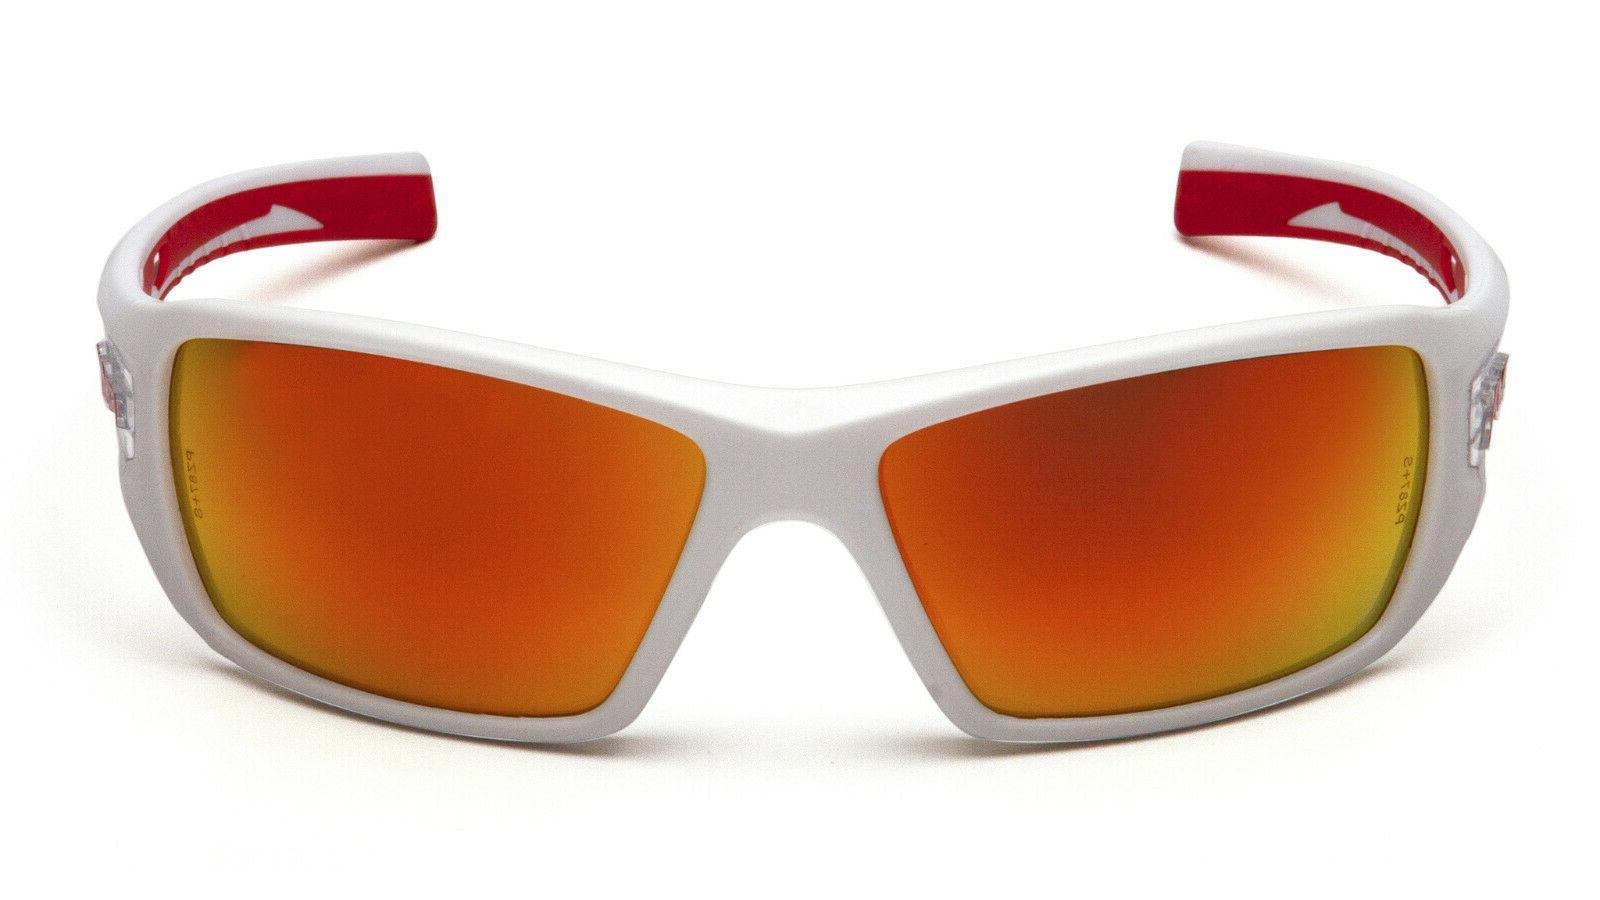 Pyramex Velar Safety Sunglasses Eyewear White